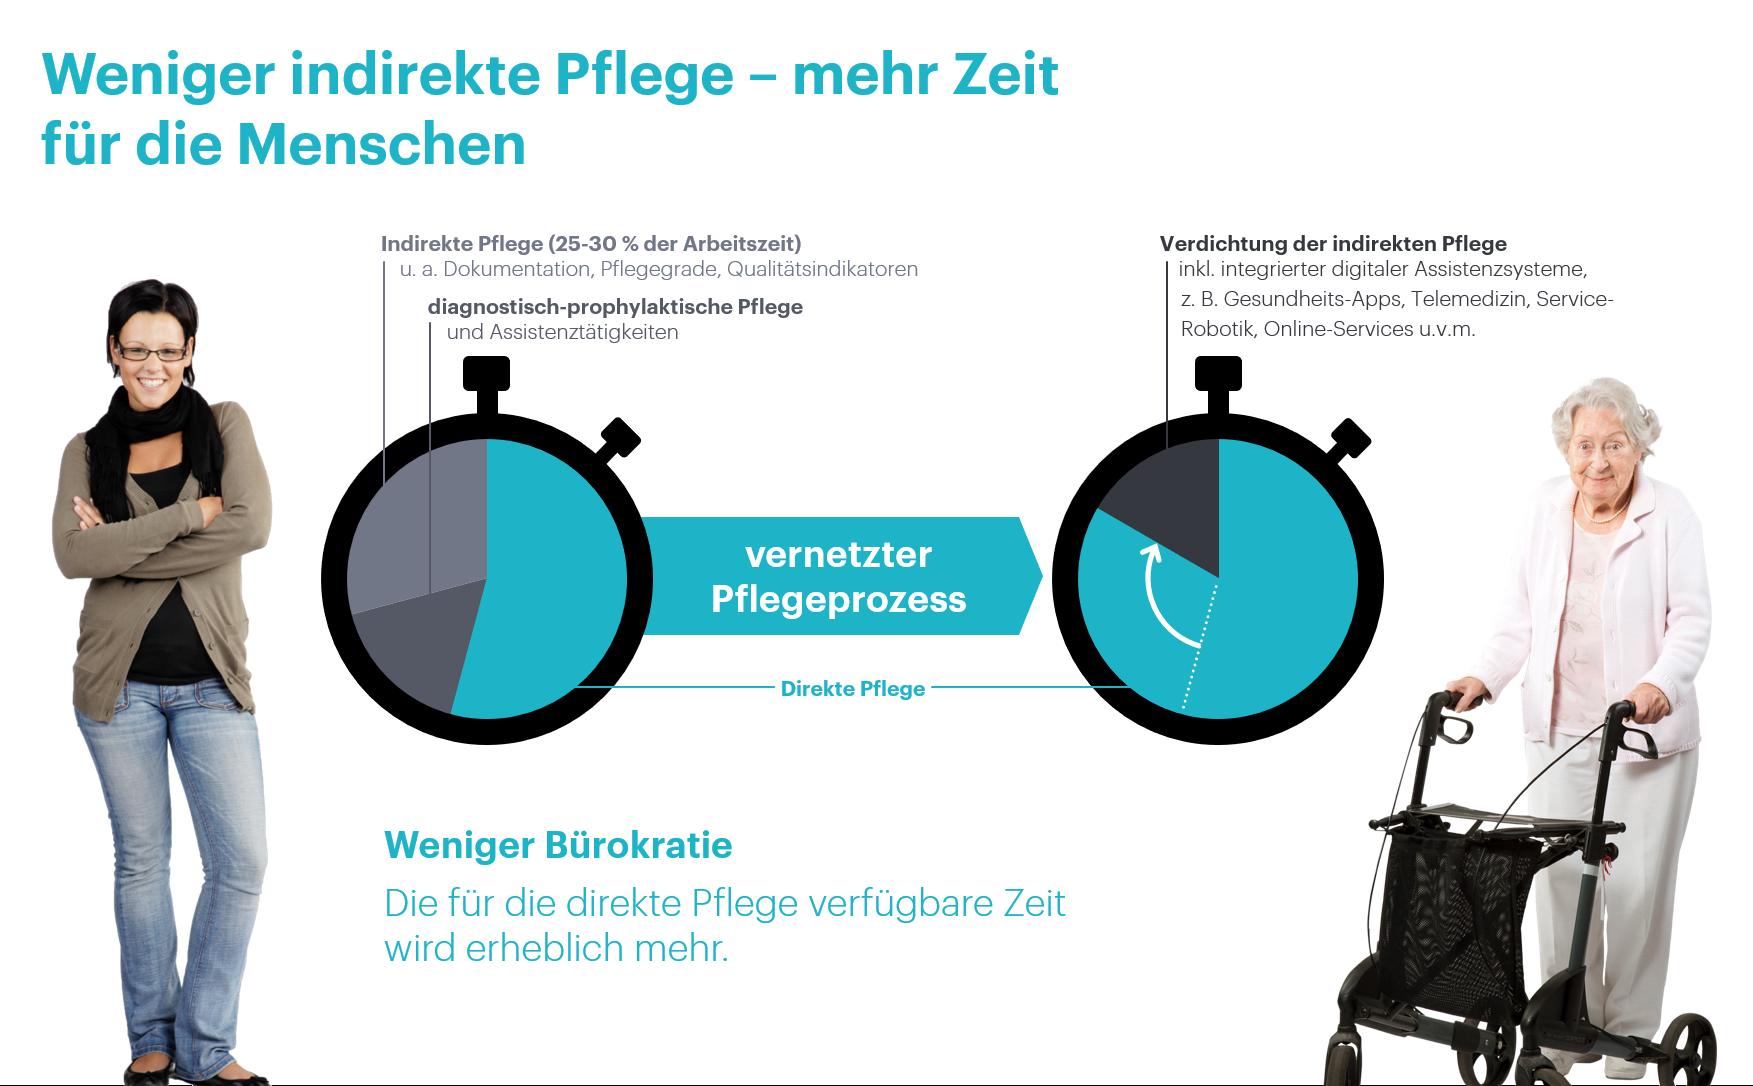 Konzepte - Weniger-indirekte-Pflege - Cairful GmbH